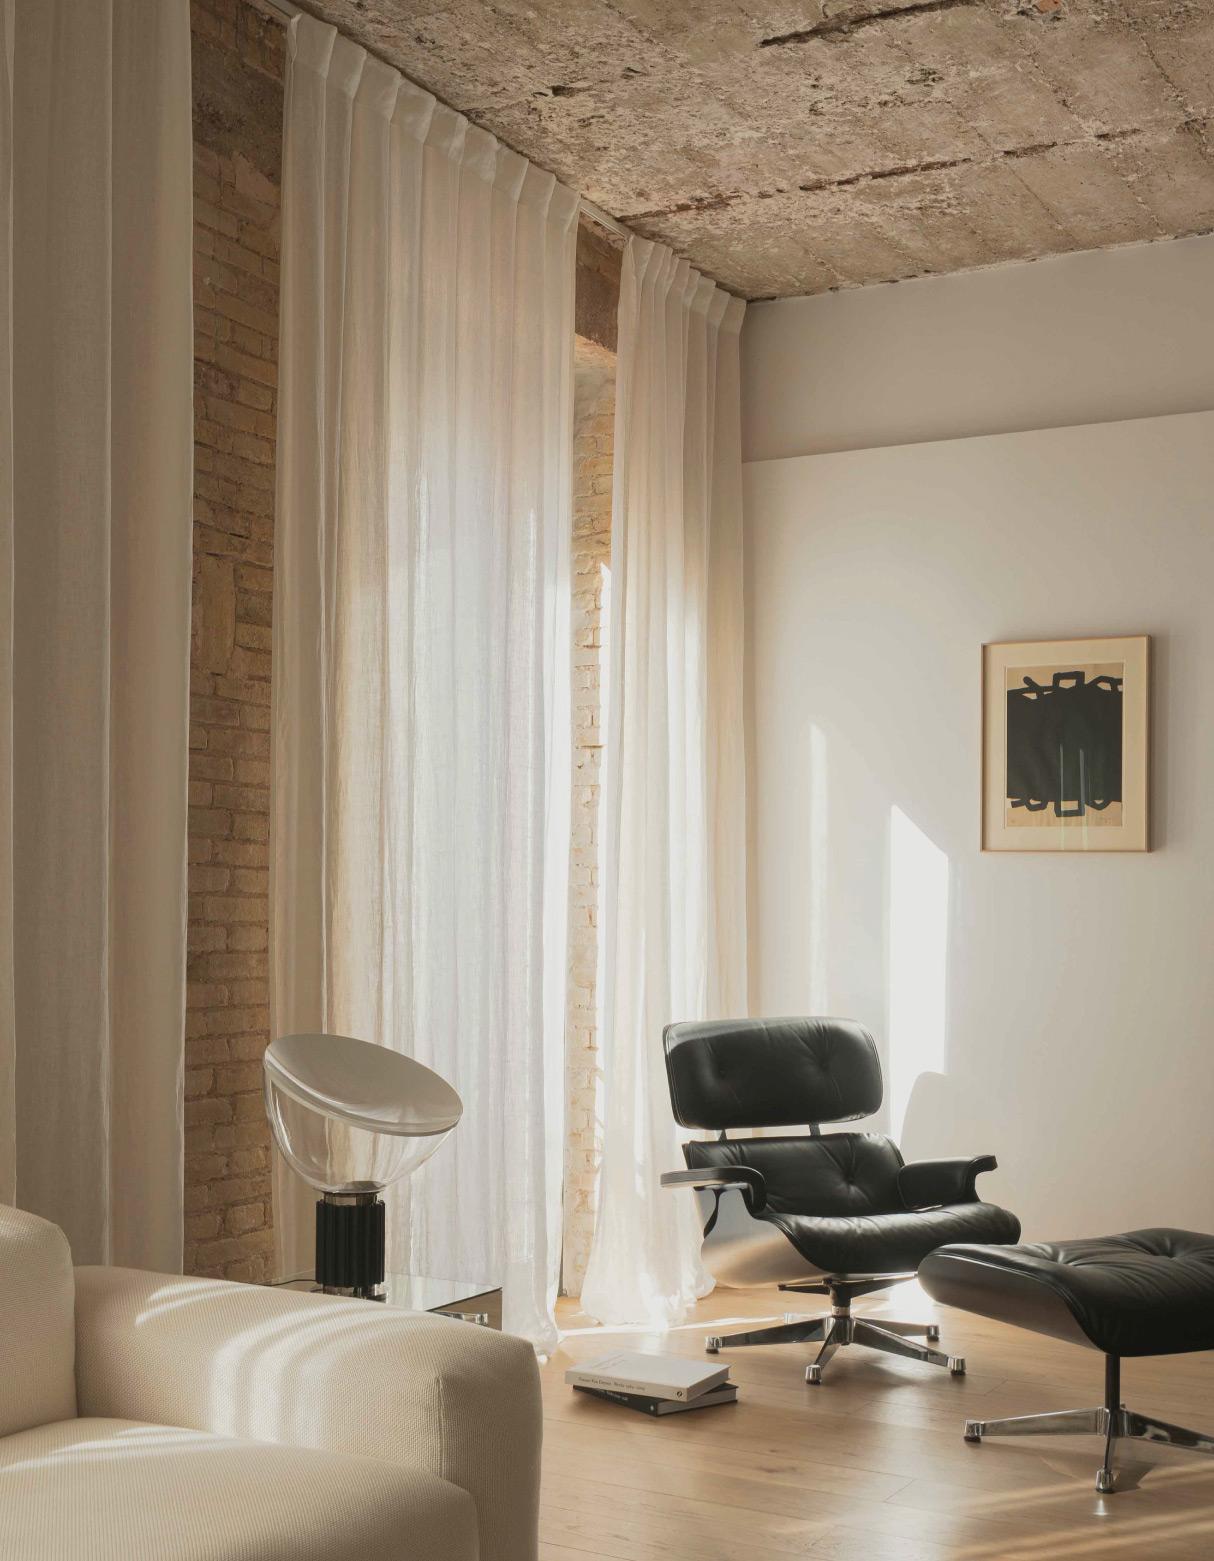 casa minimalista vivienda pr 50 nudes x arquitectos venustas